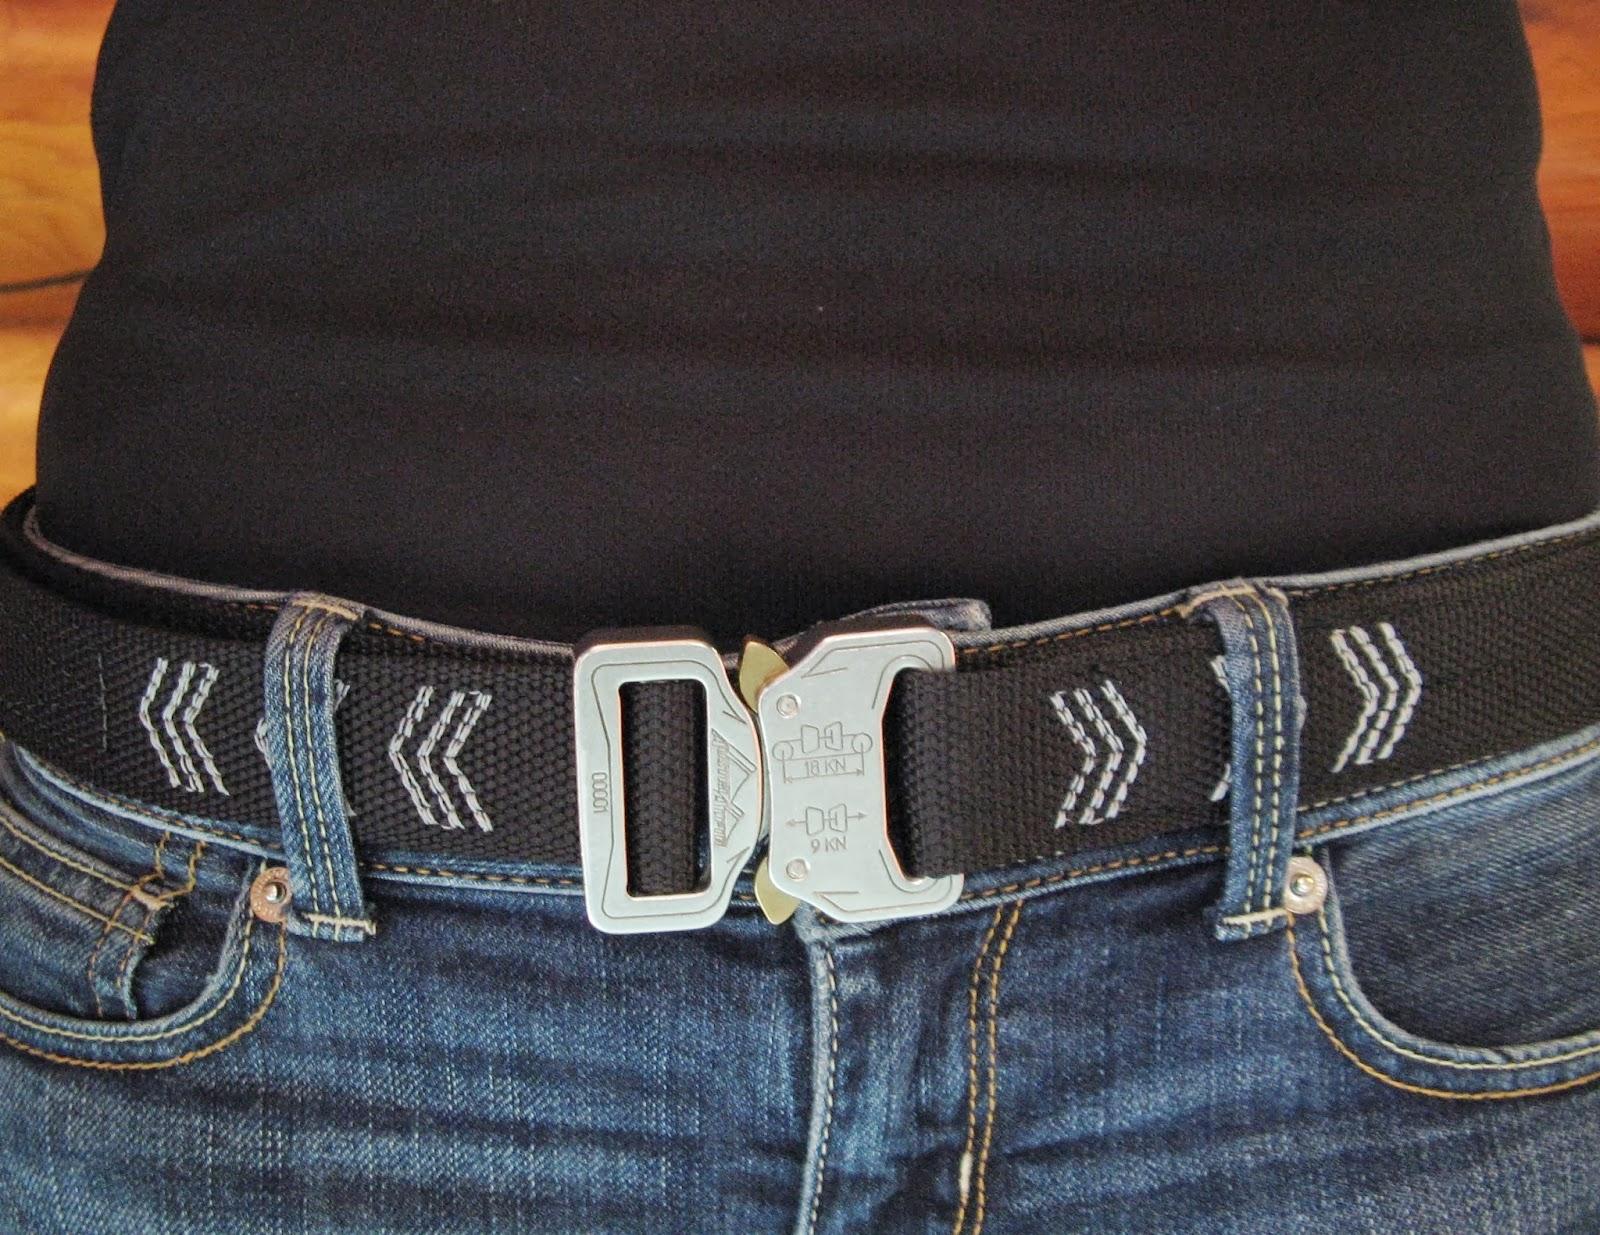 FALIA REVIEWS  CROSSTAC Lightning Belts   BOLD Slings - Designed for ... 6023f20a9